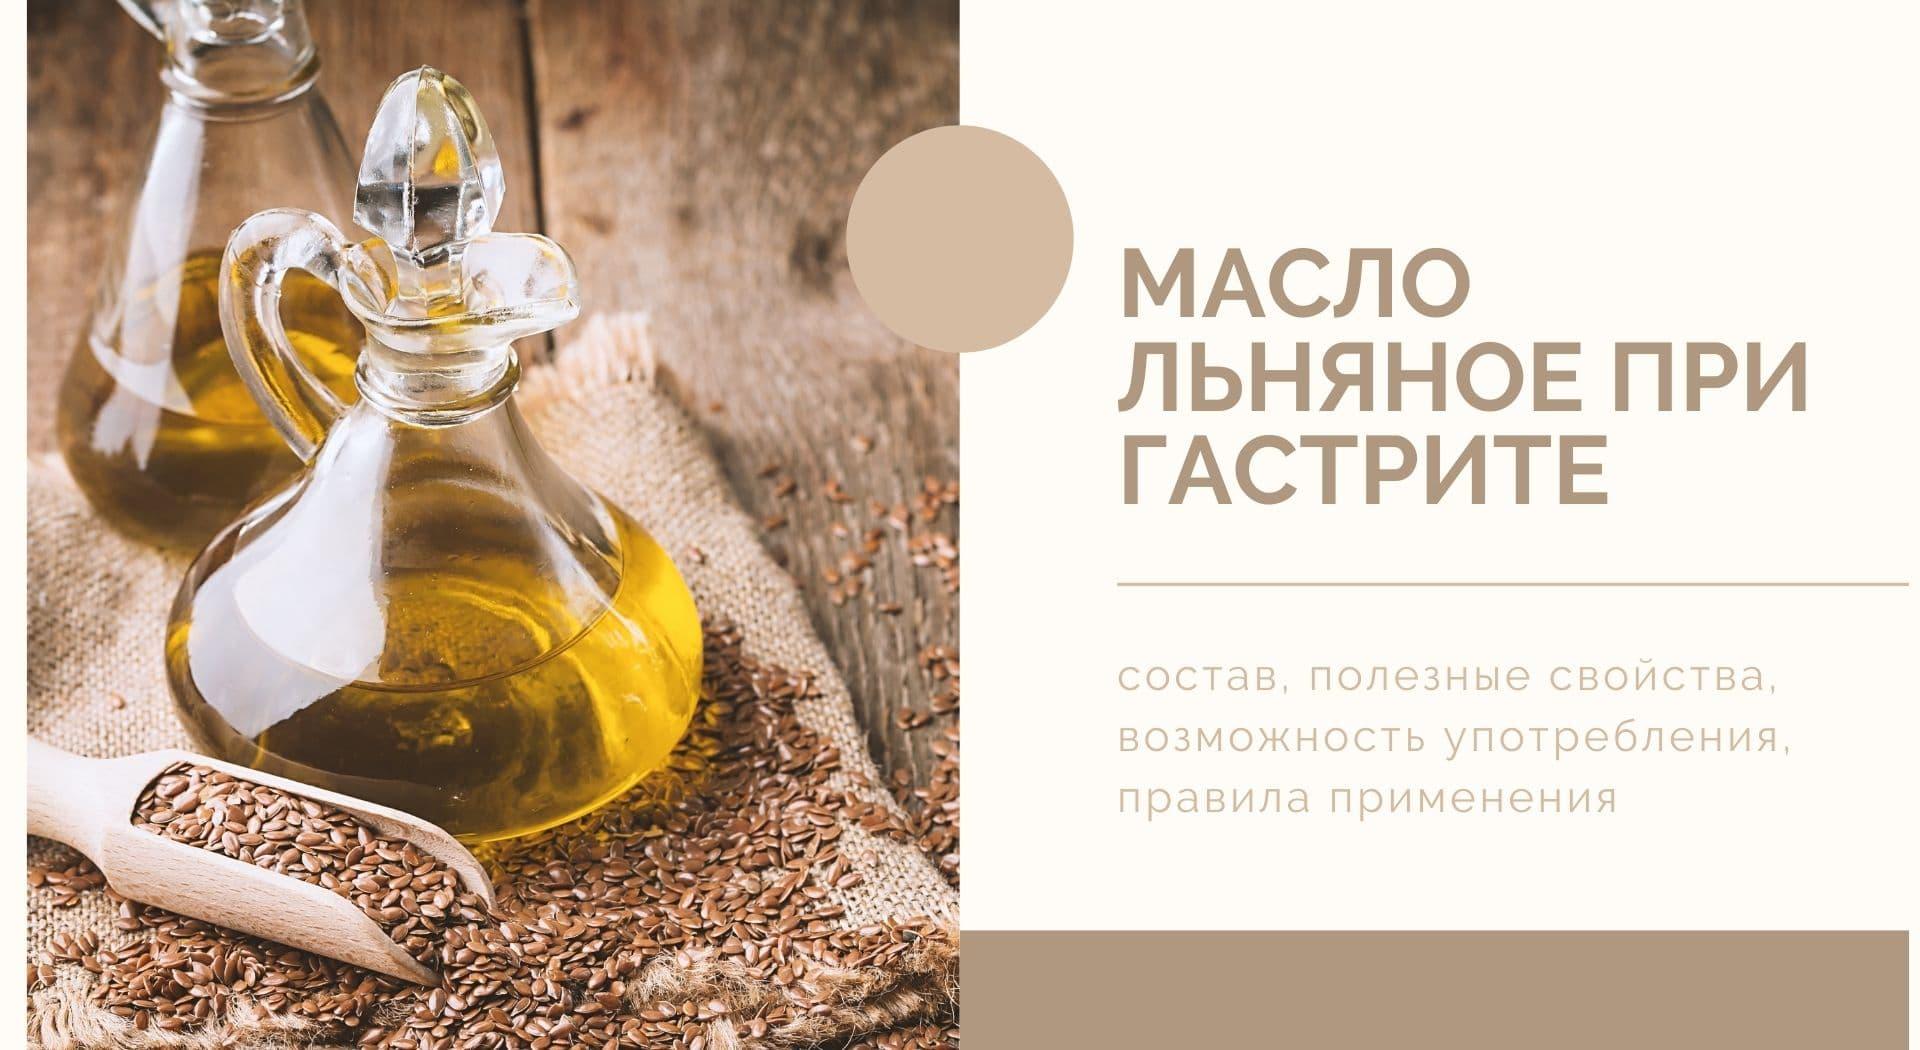 Льняное масло при гастрите: состав, полезные свойства, возможность употребления, правила применения